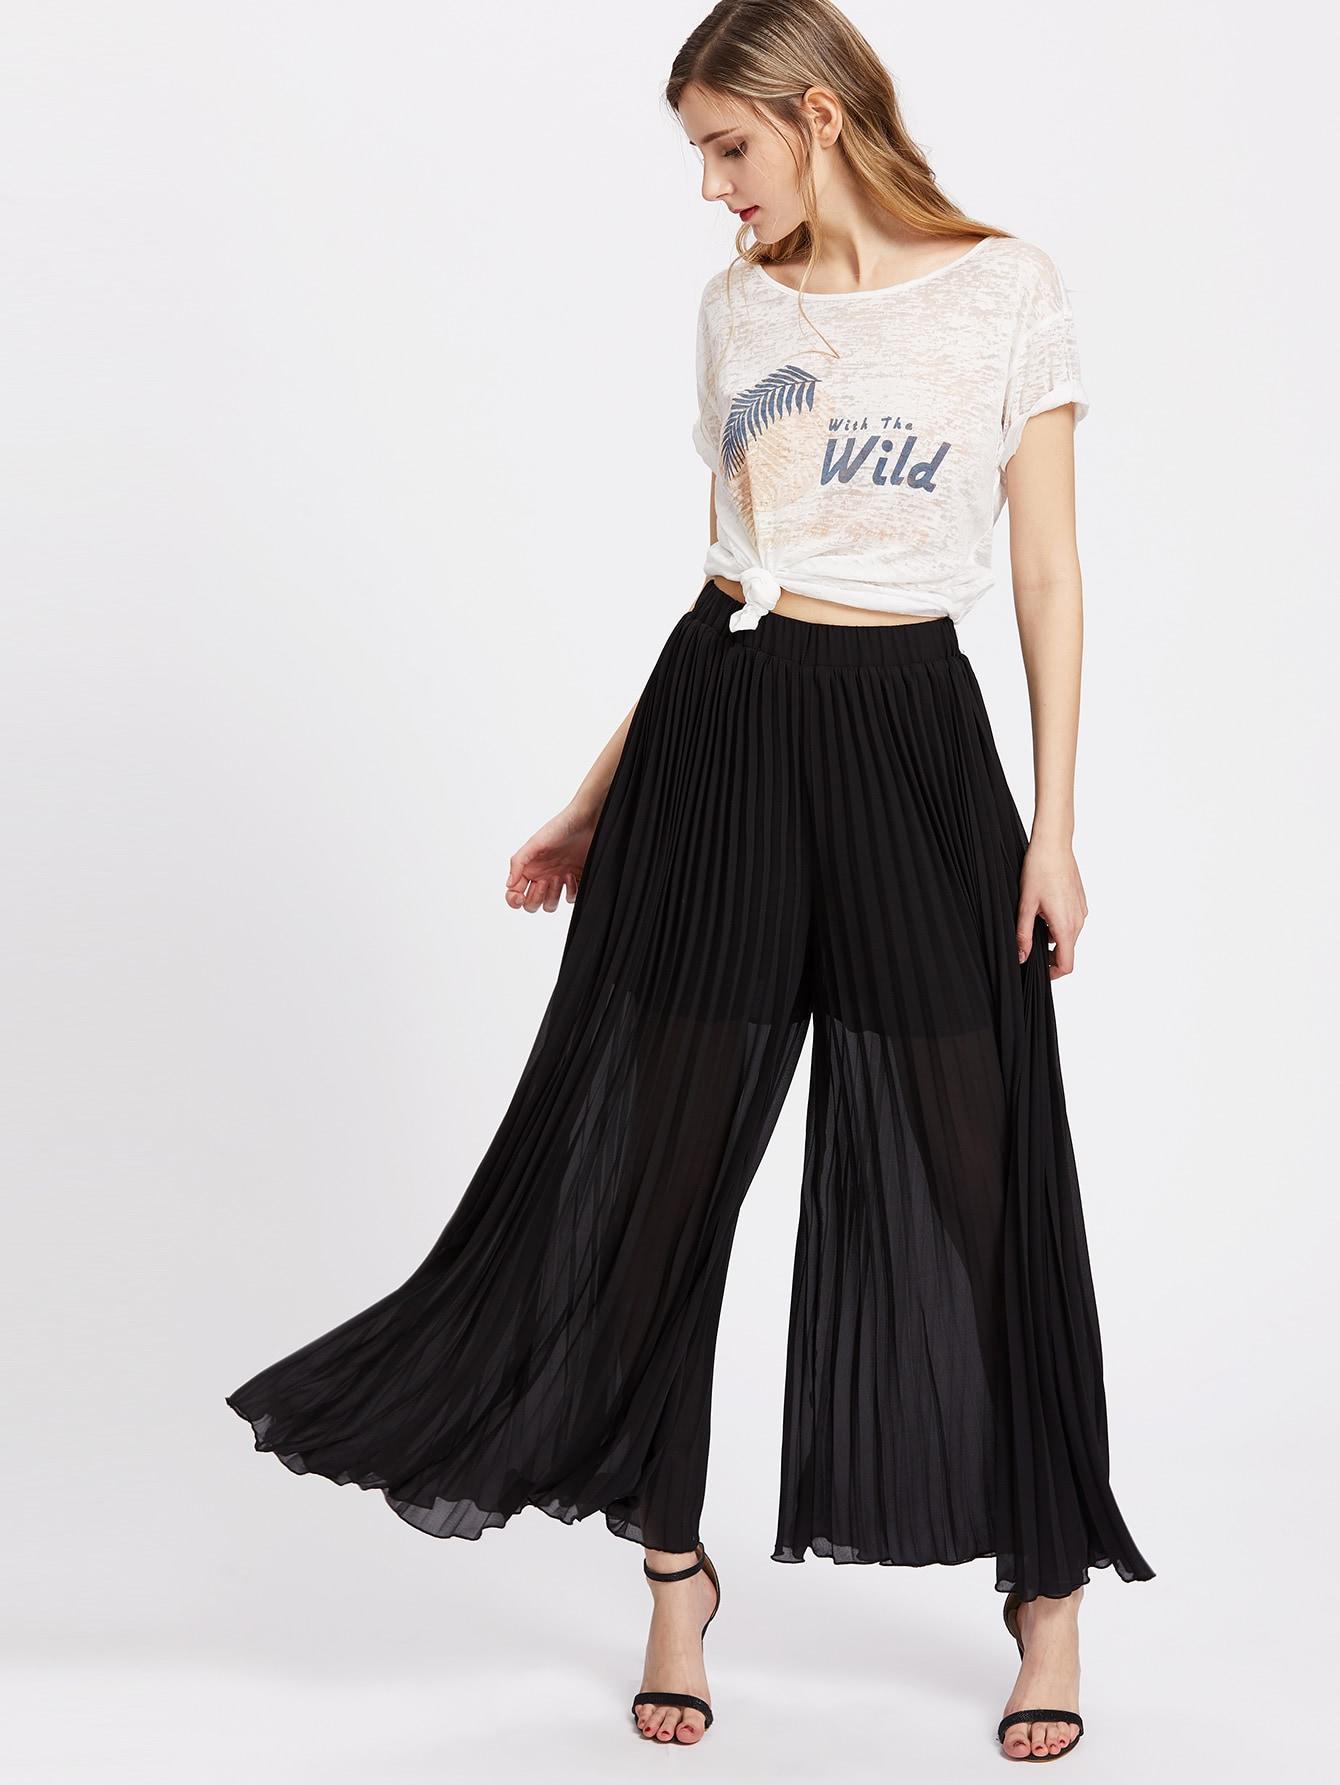 Image of Elastic Waist Pleated Culotte Pants